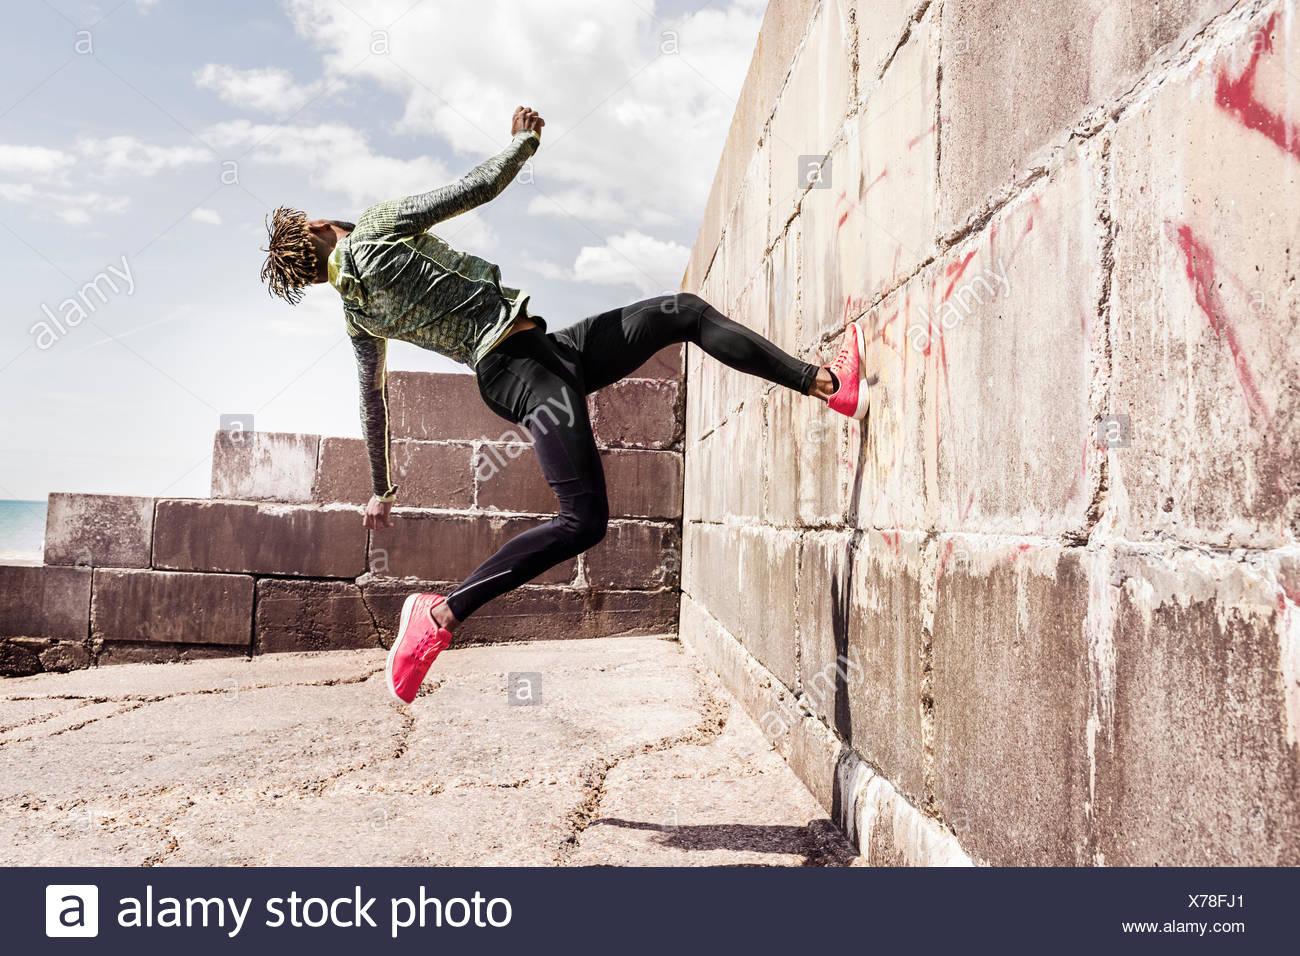 Joven, Free Running, al aire libre, corriendo hacia arriba de la pared lateral Imagen De Stock